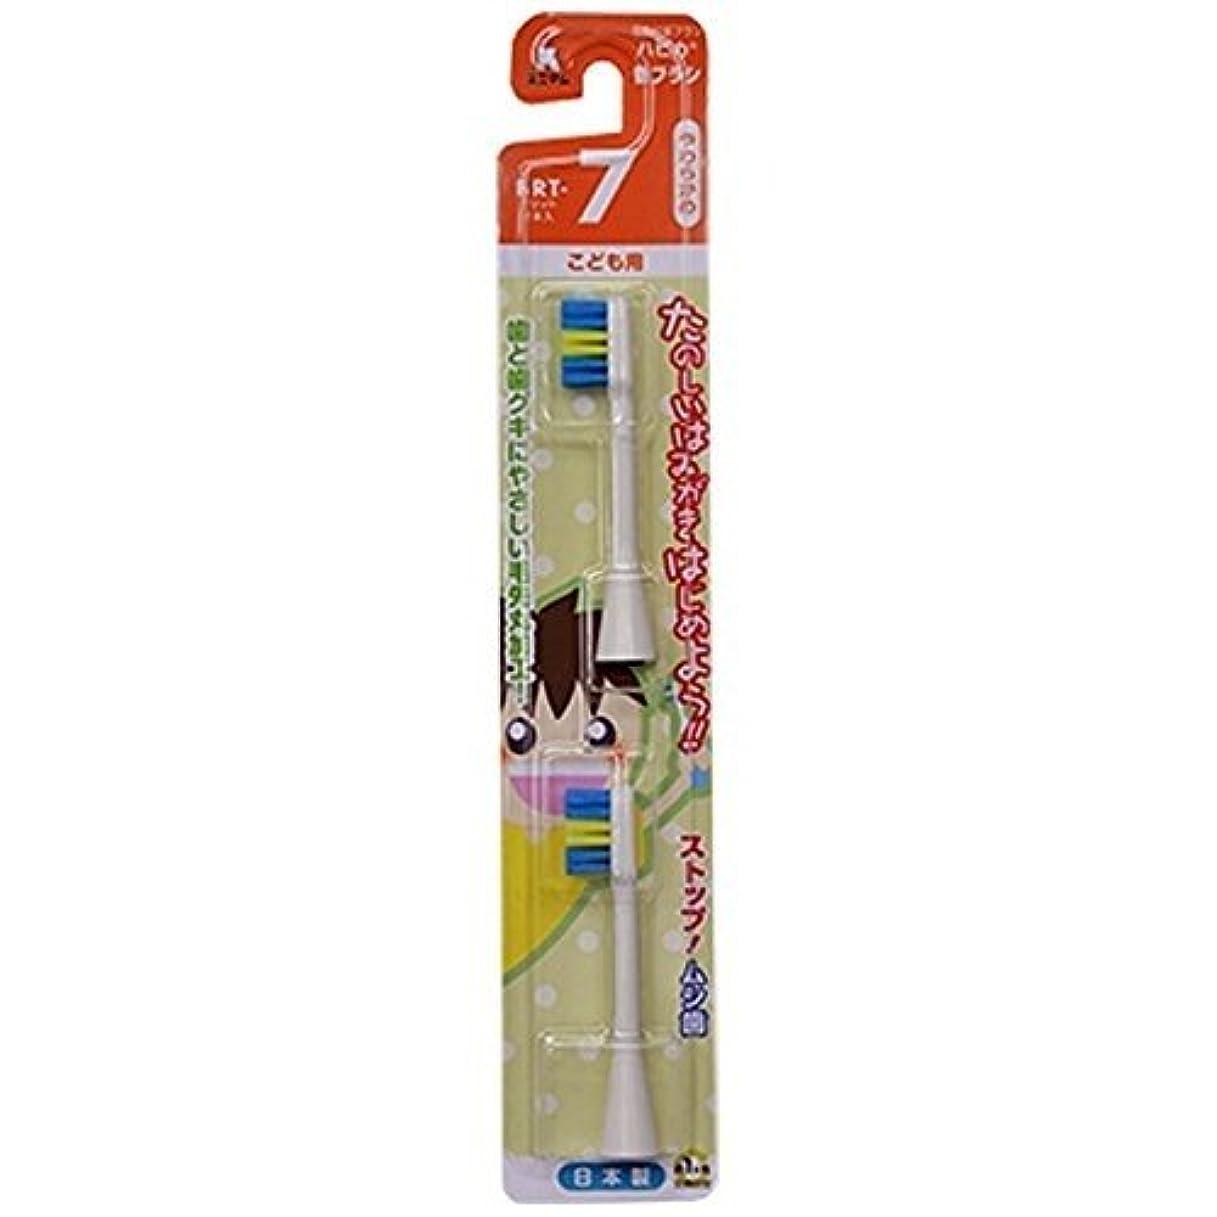 損なうメディア相対サイズミニマム 電動付歯ブラシ ハピカ 専用替ブラシ こども用 毛の硬さ:やわらかめ BRT-7 2個入